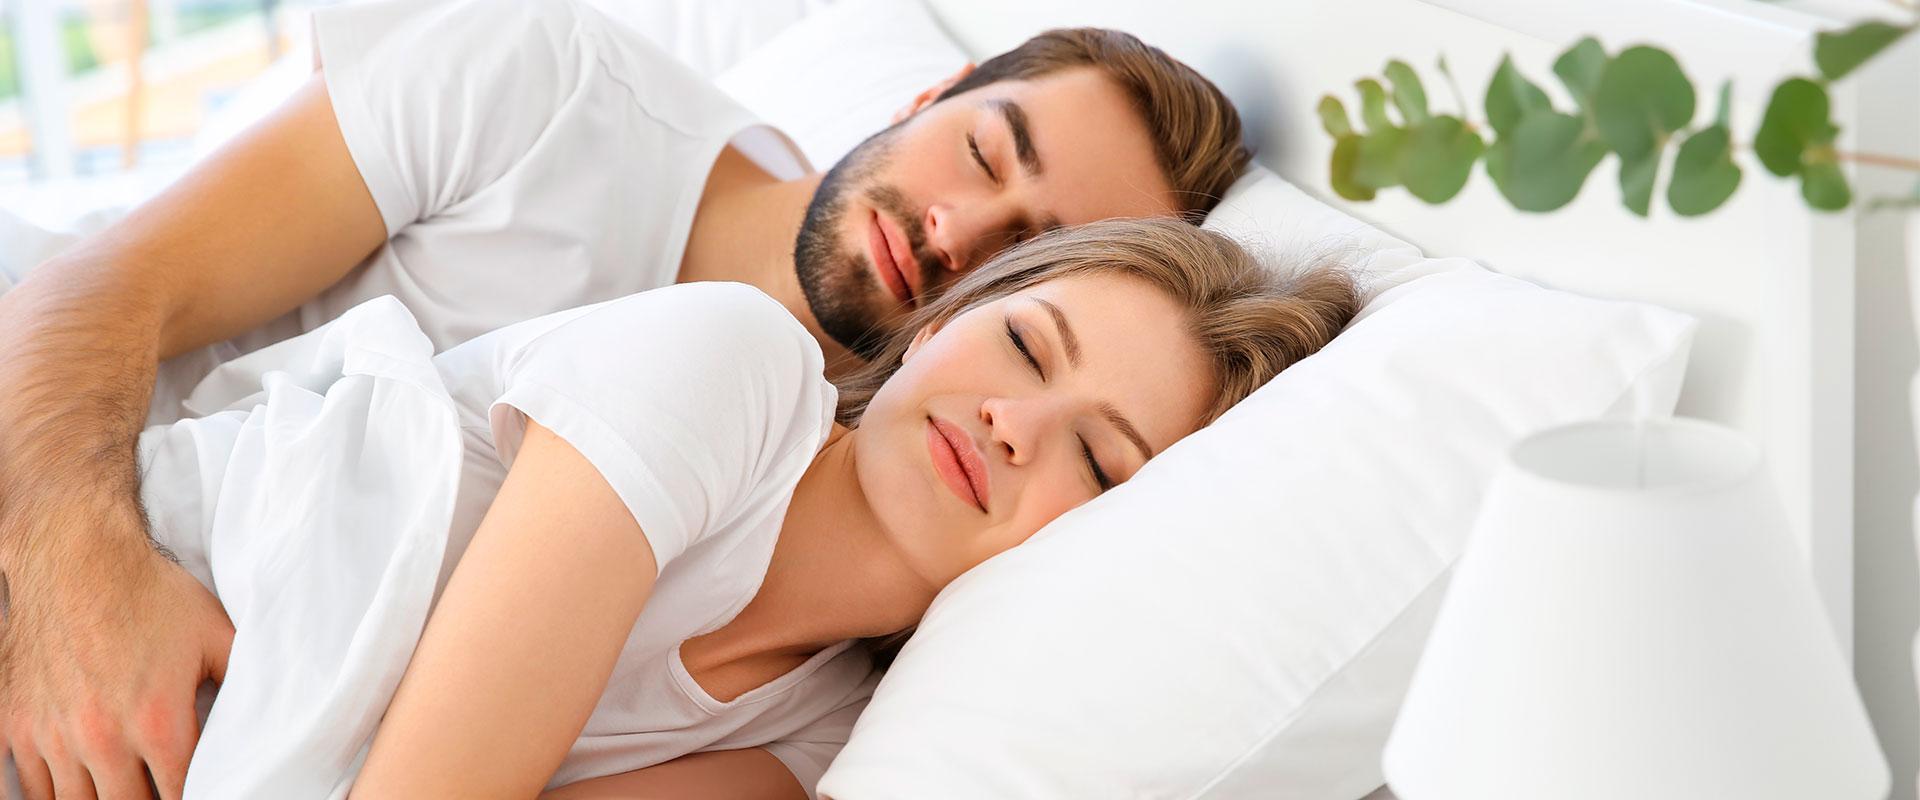 Pareja durmiendo en los productos frescos de la Familia Sognare.